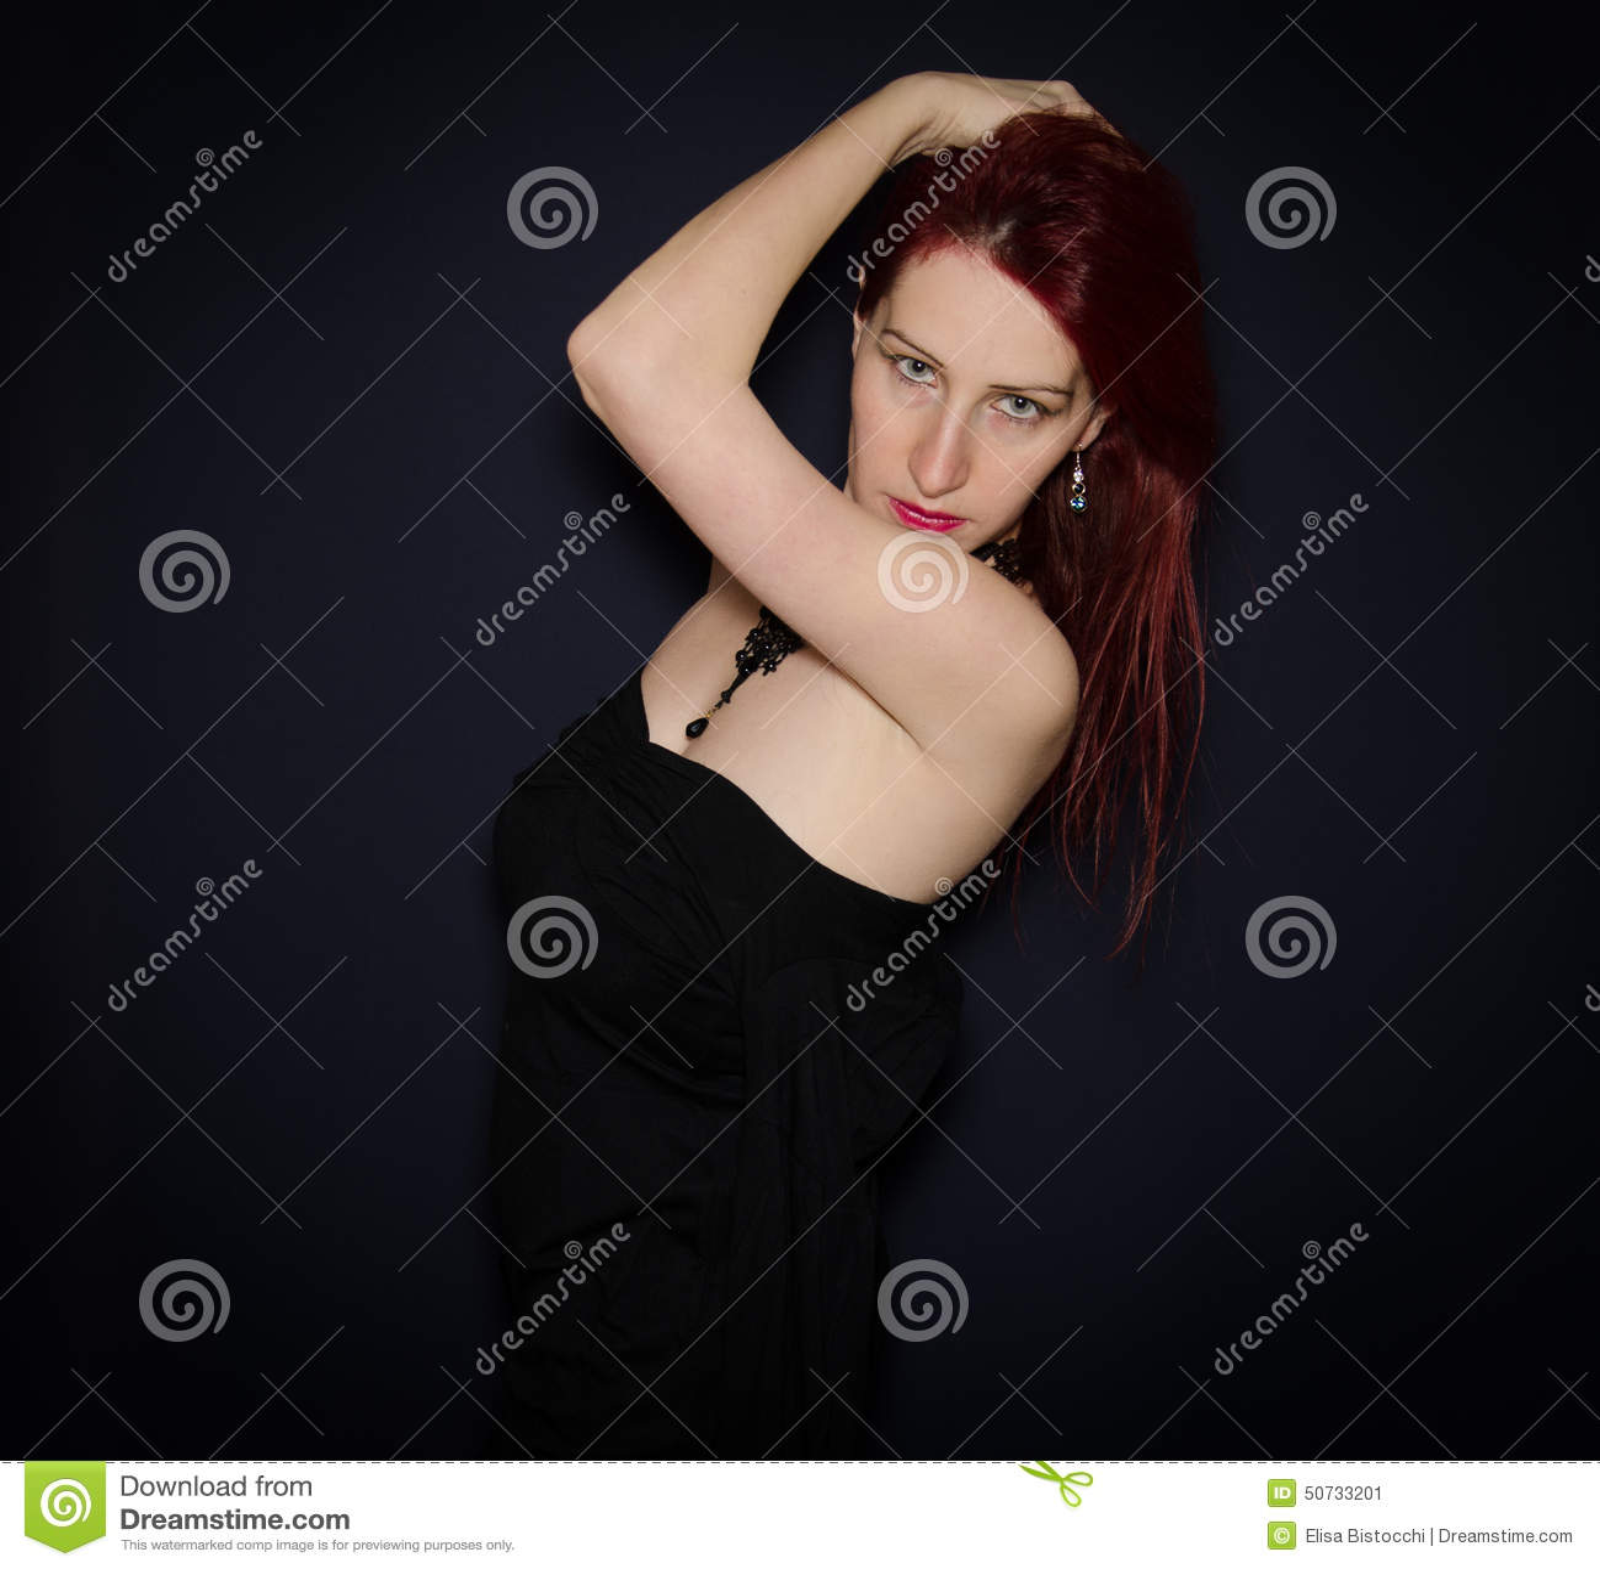 Sensueel die vrouwenportret tegen donkere achtergrond wordt geïsoleerd